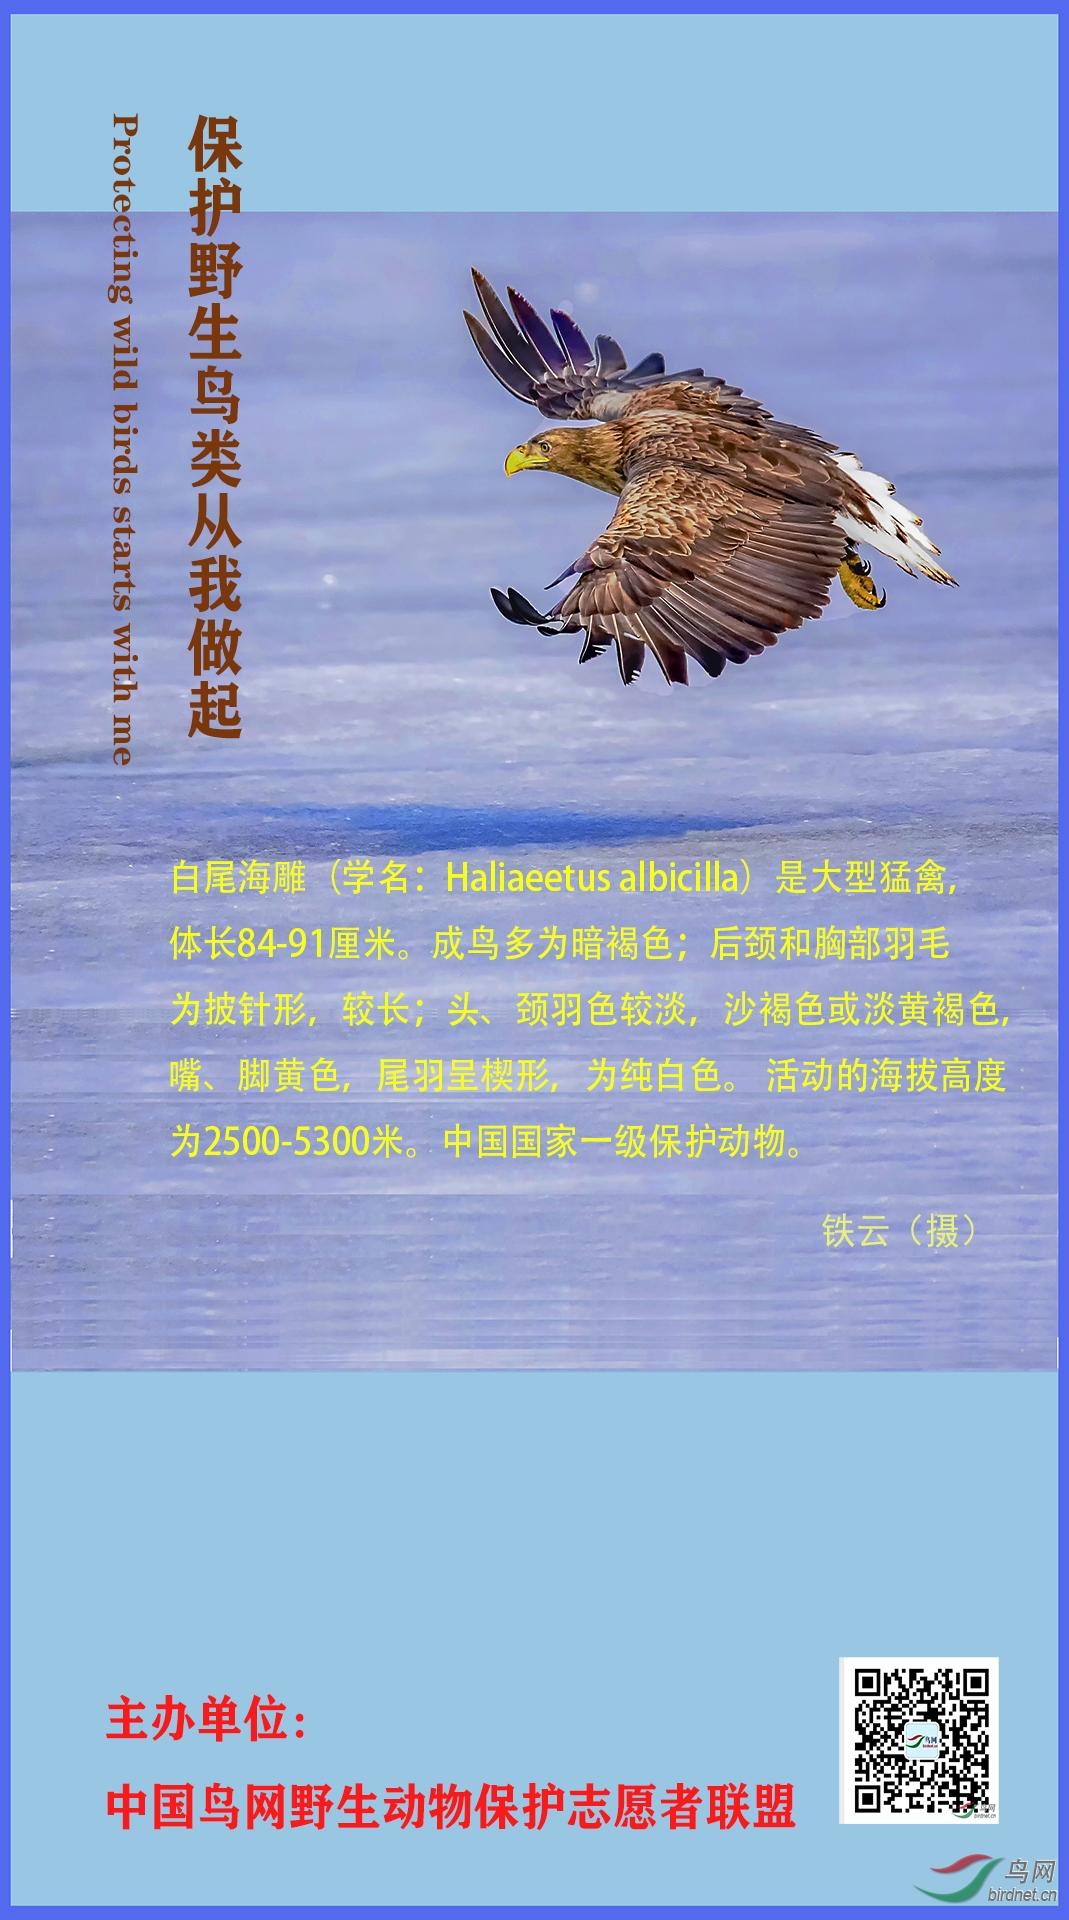 宣传海报1(铁云).jpg